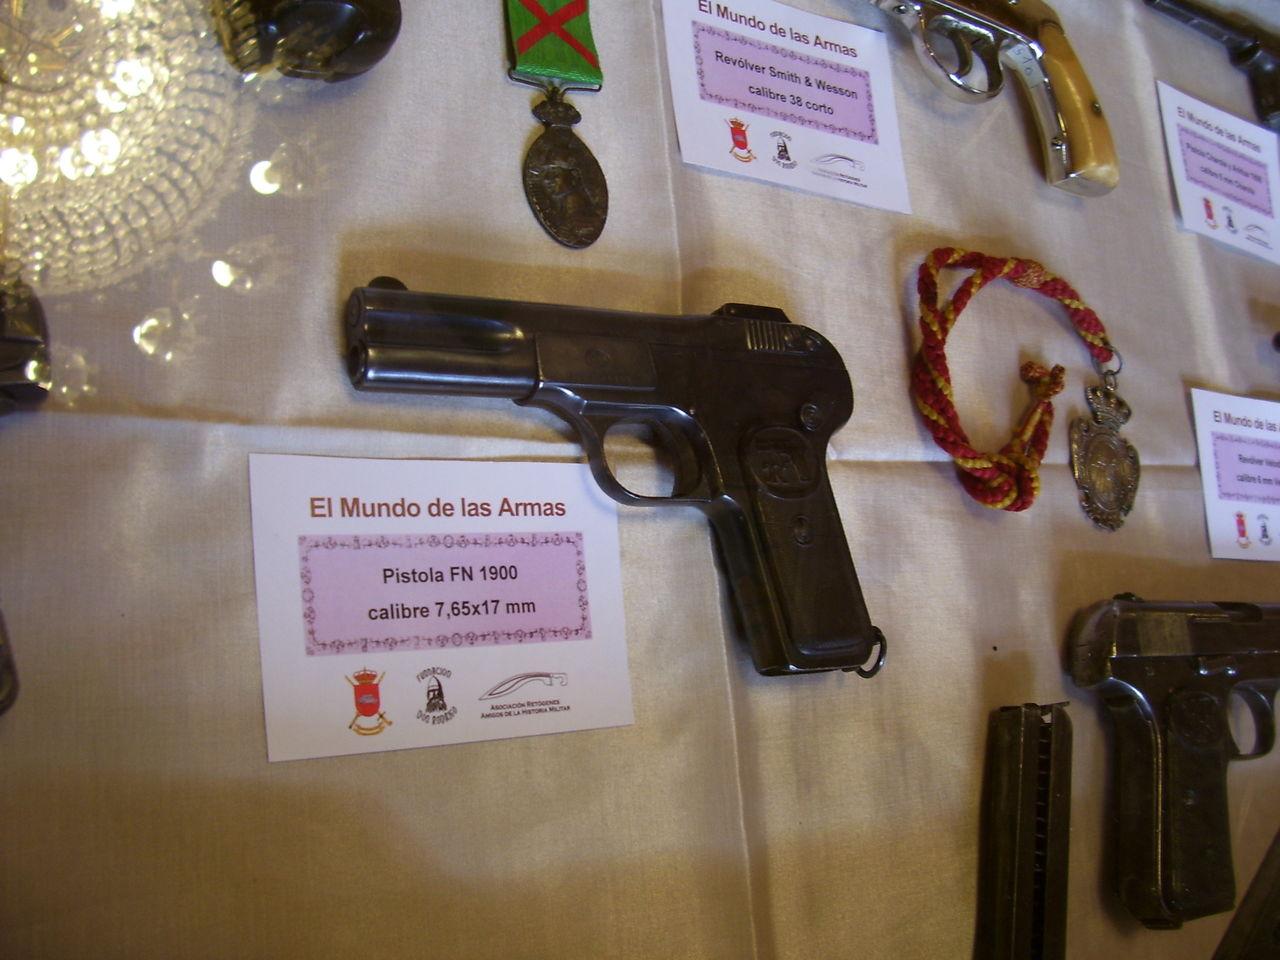 """Exposición """"EL MUNDO DE LAS ARMAS"""", Burgos, 10-25 Mayo 2013. 20130512_Burgos_026"""